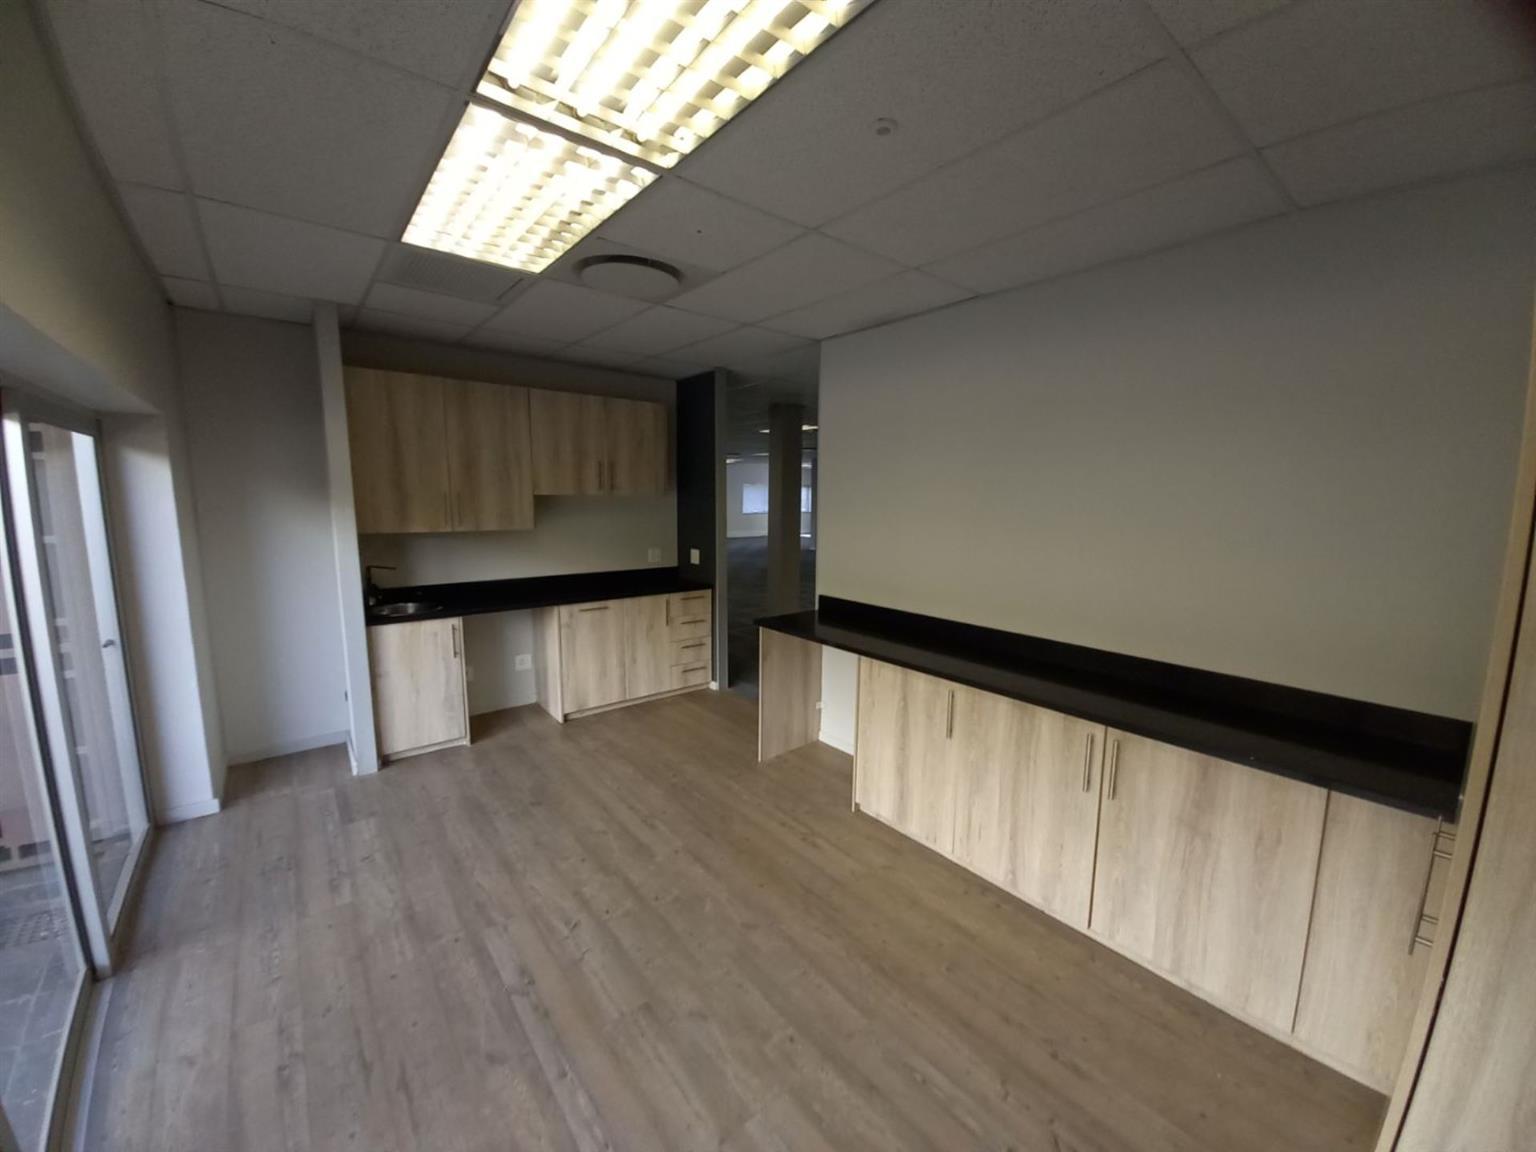 Office Rental Monthly in Longmeadow